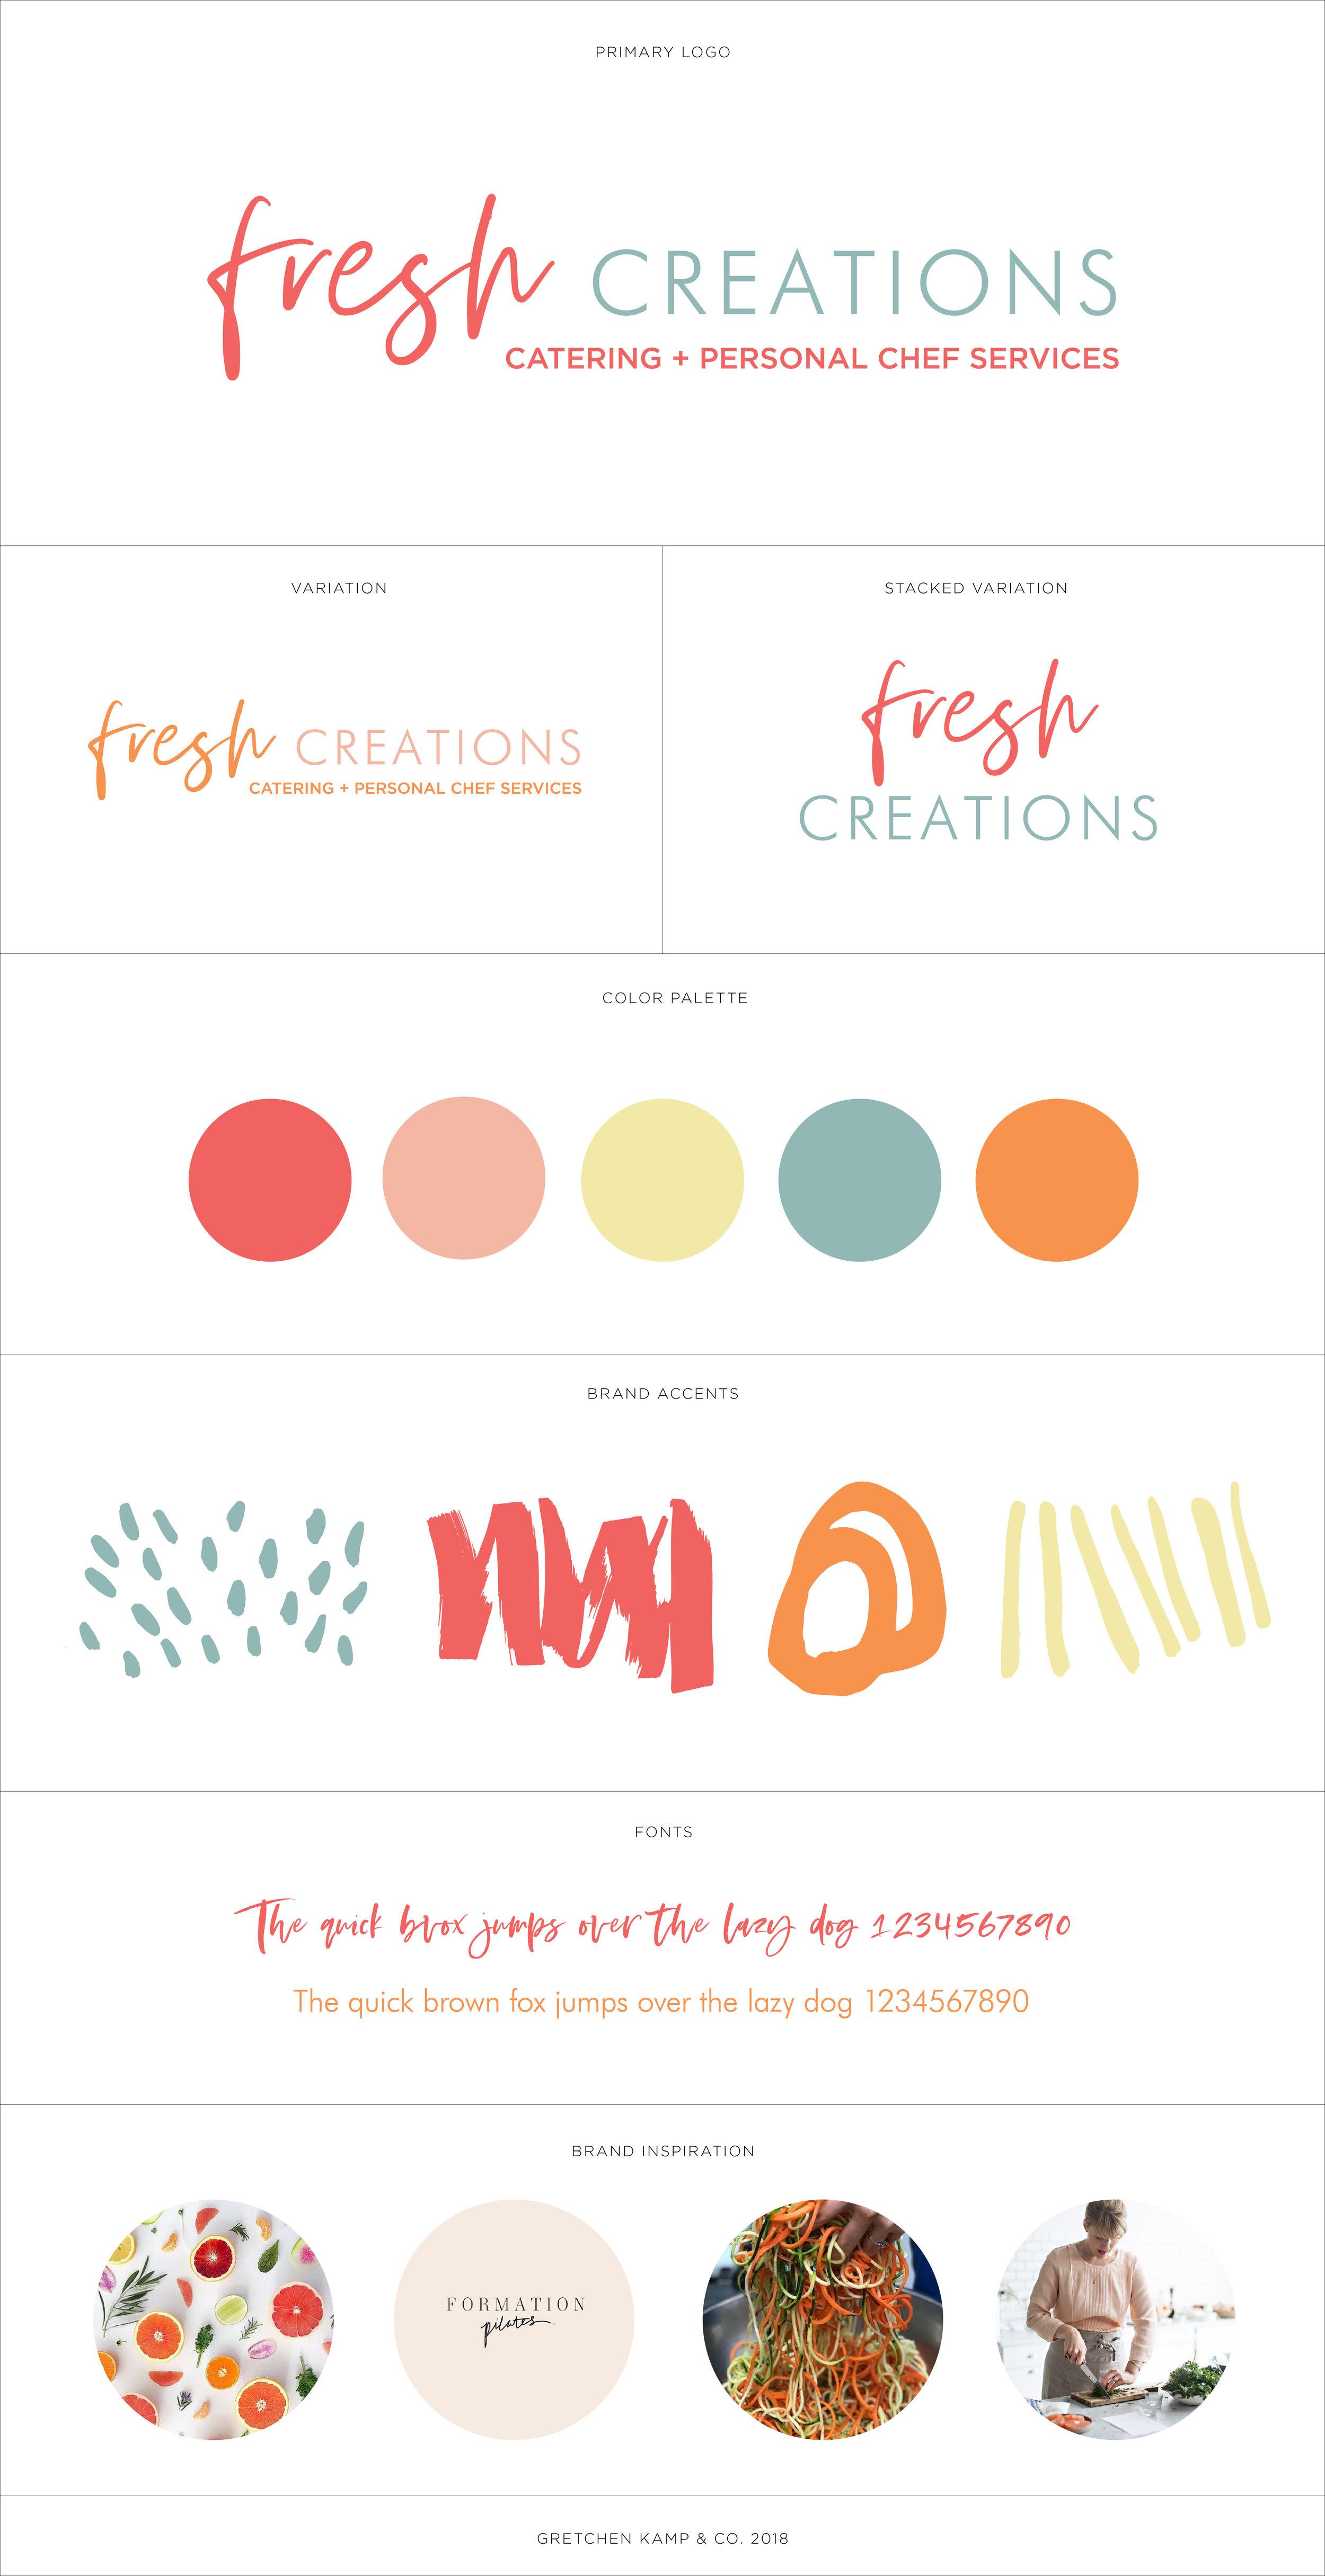 FreshCreations_brandboard_v01.jpg